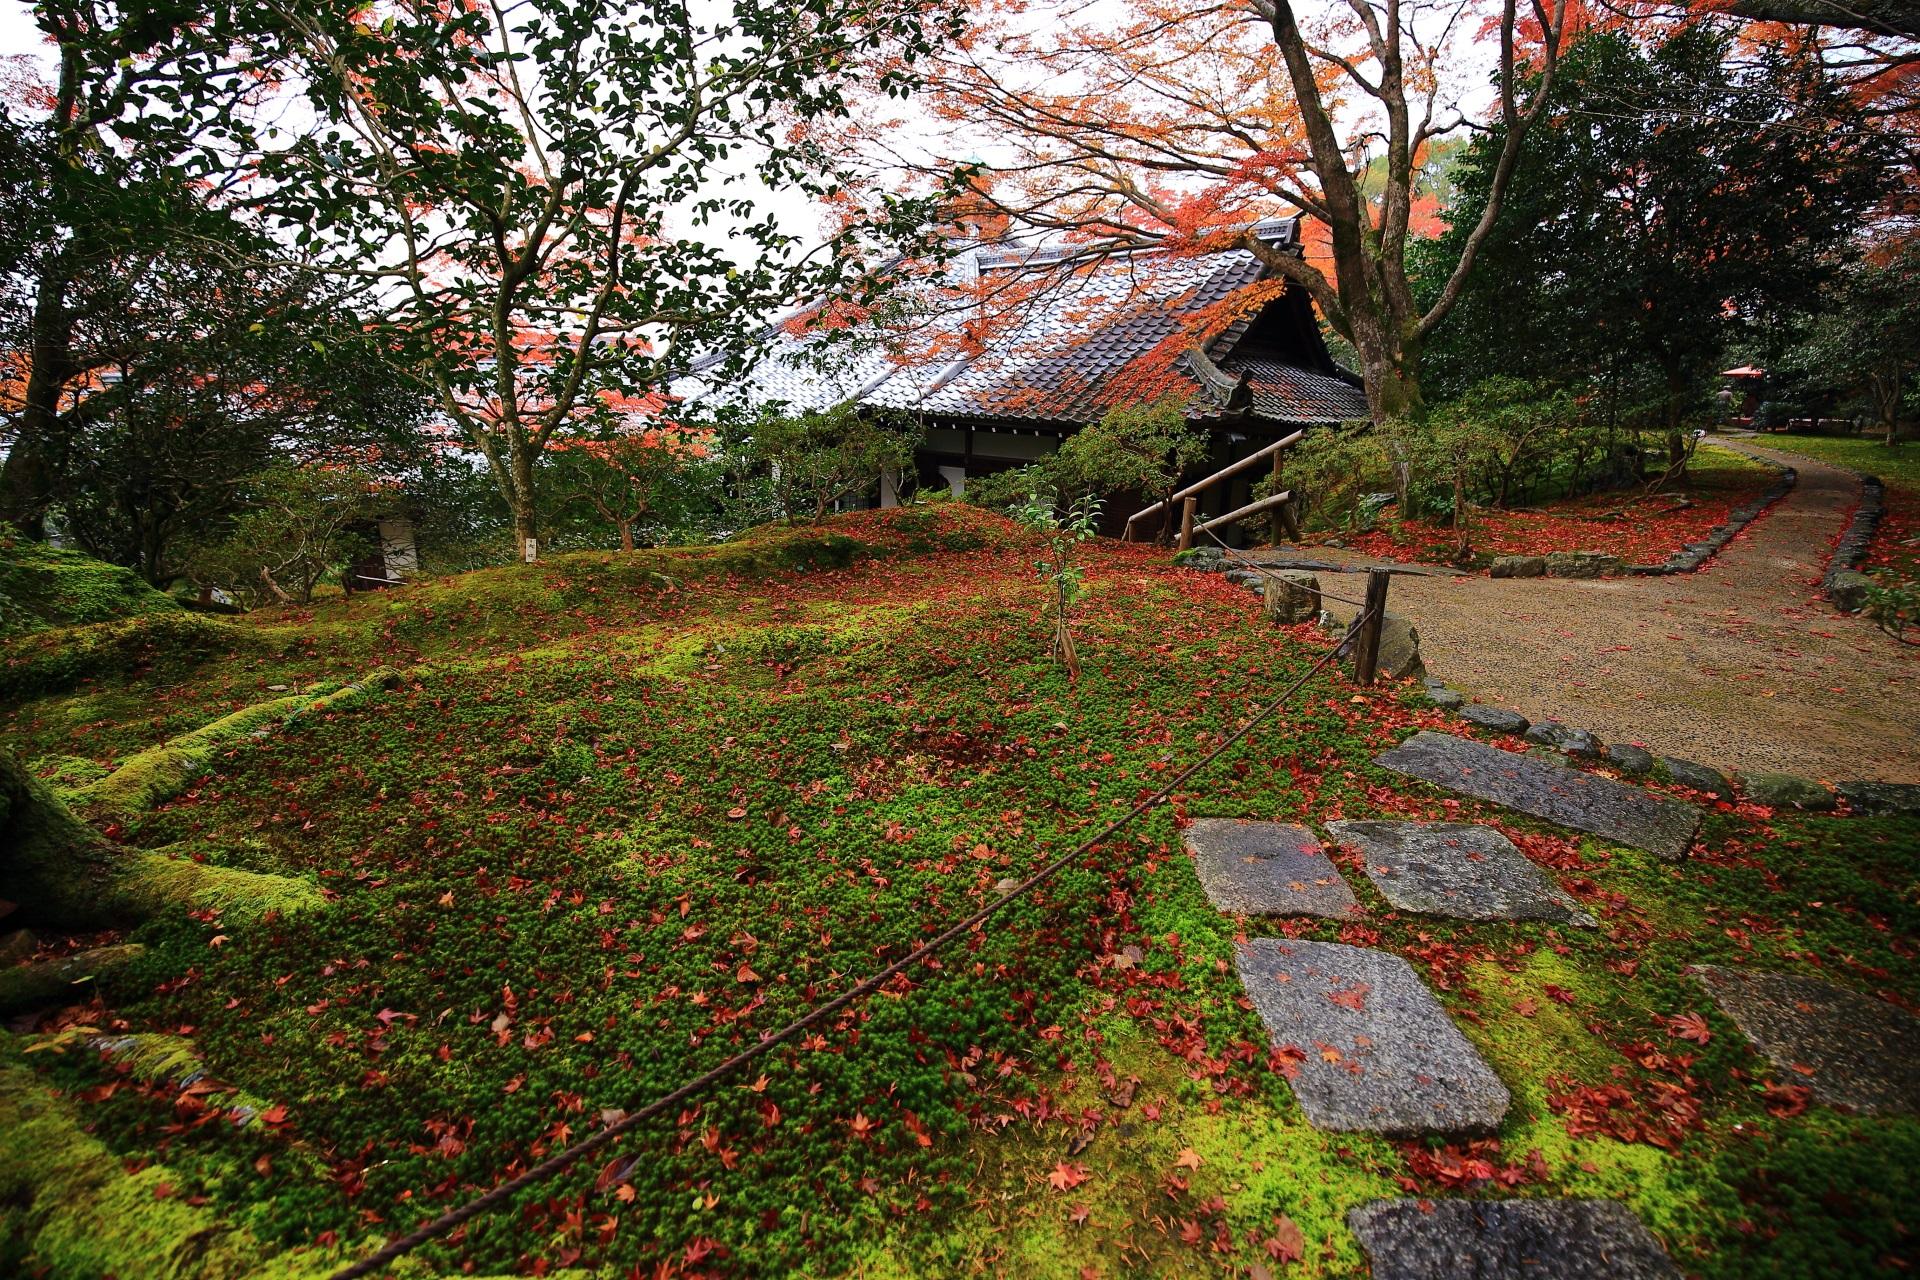 霊鑑寺の本堂と広がる苔と散り紅葉